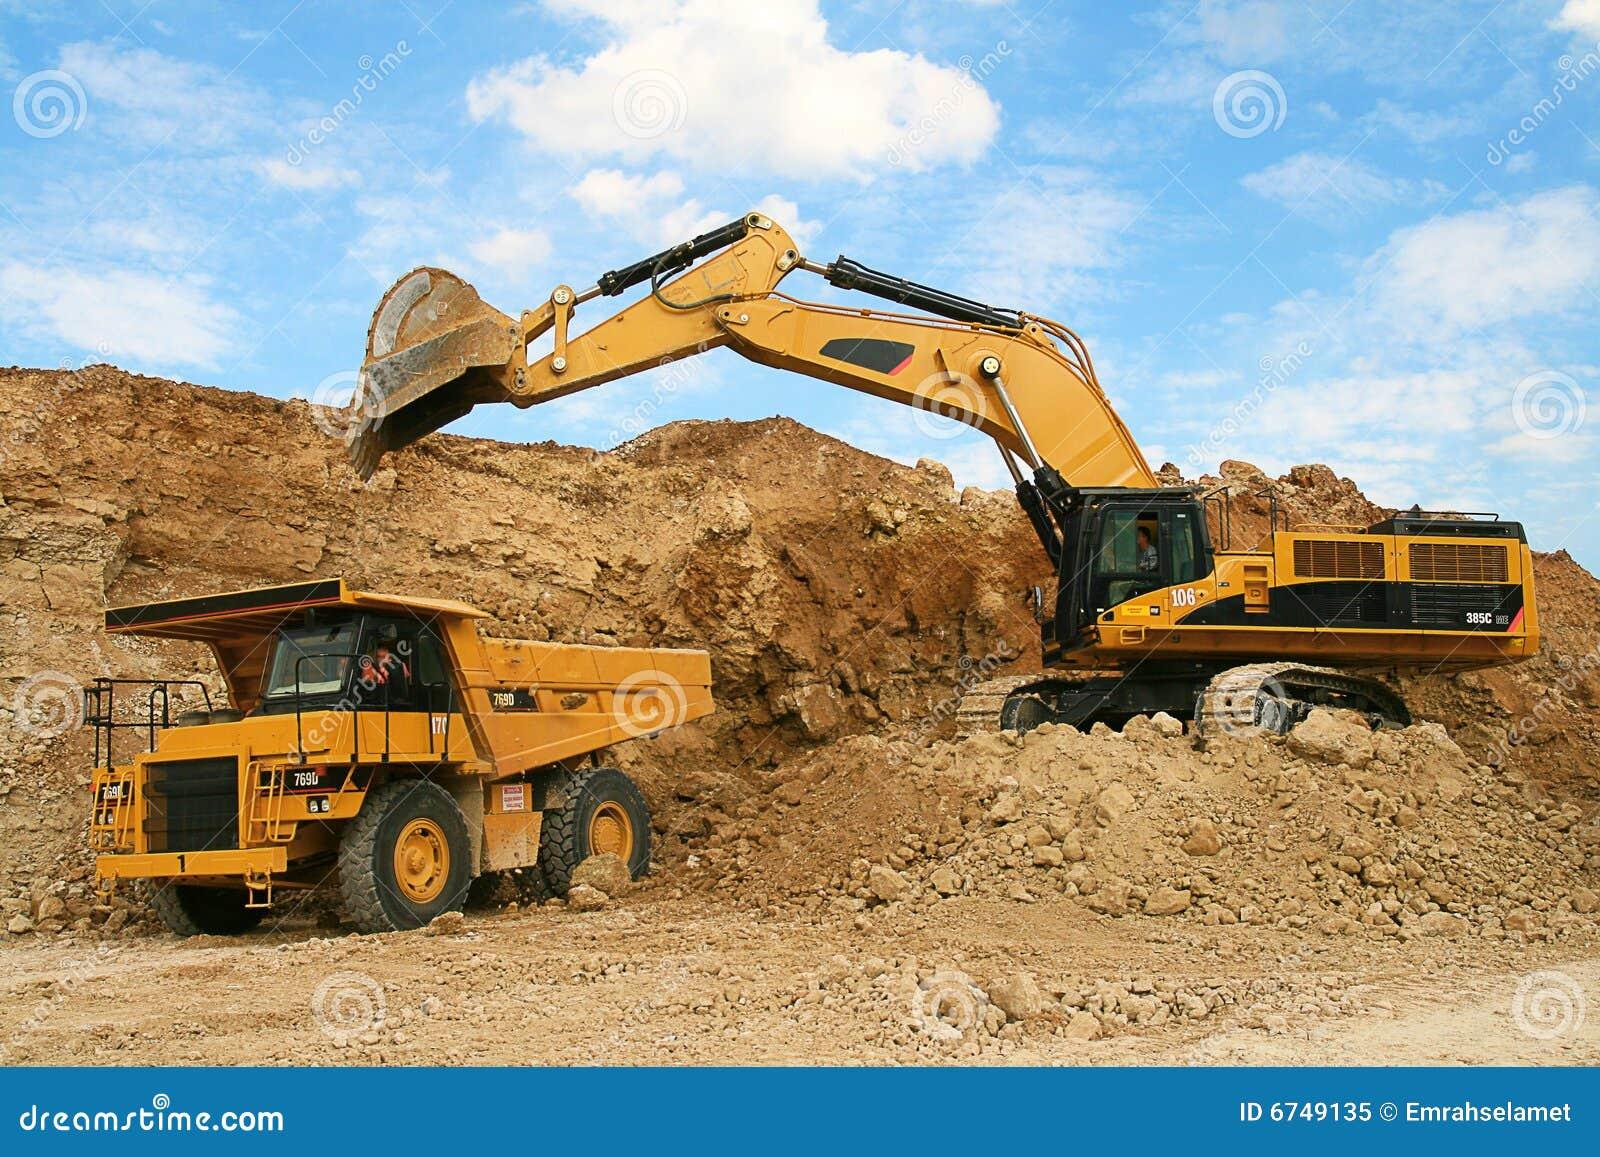 Backhoe Loader Loading Dumper Stock Image Image 6749135